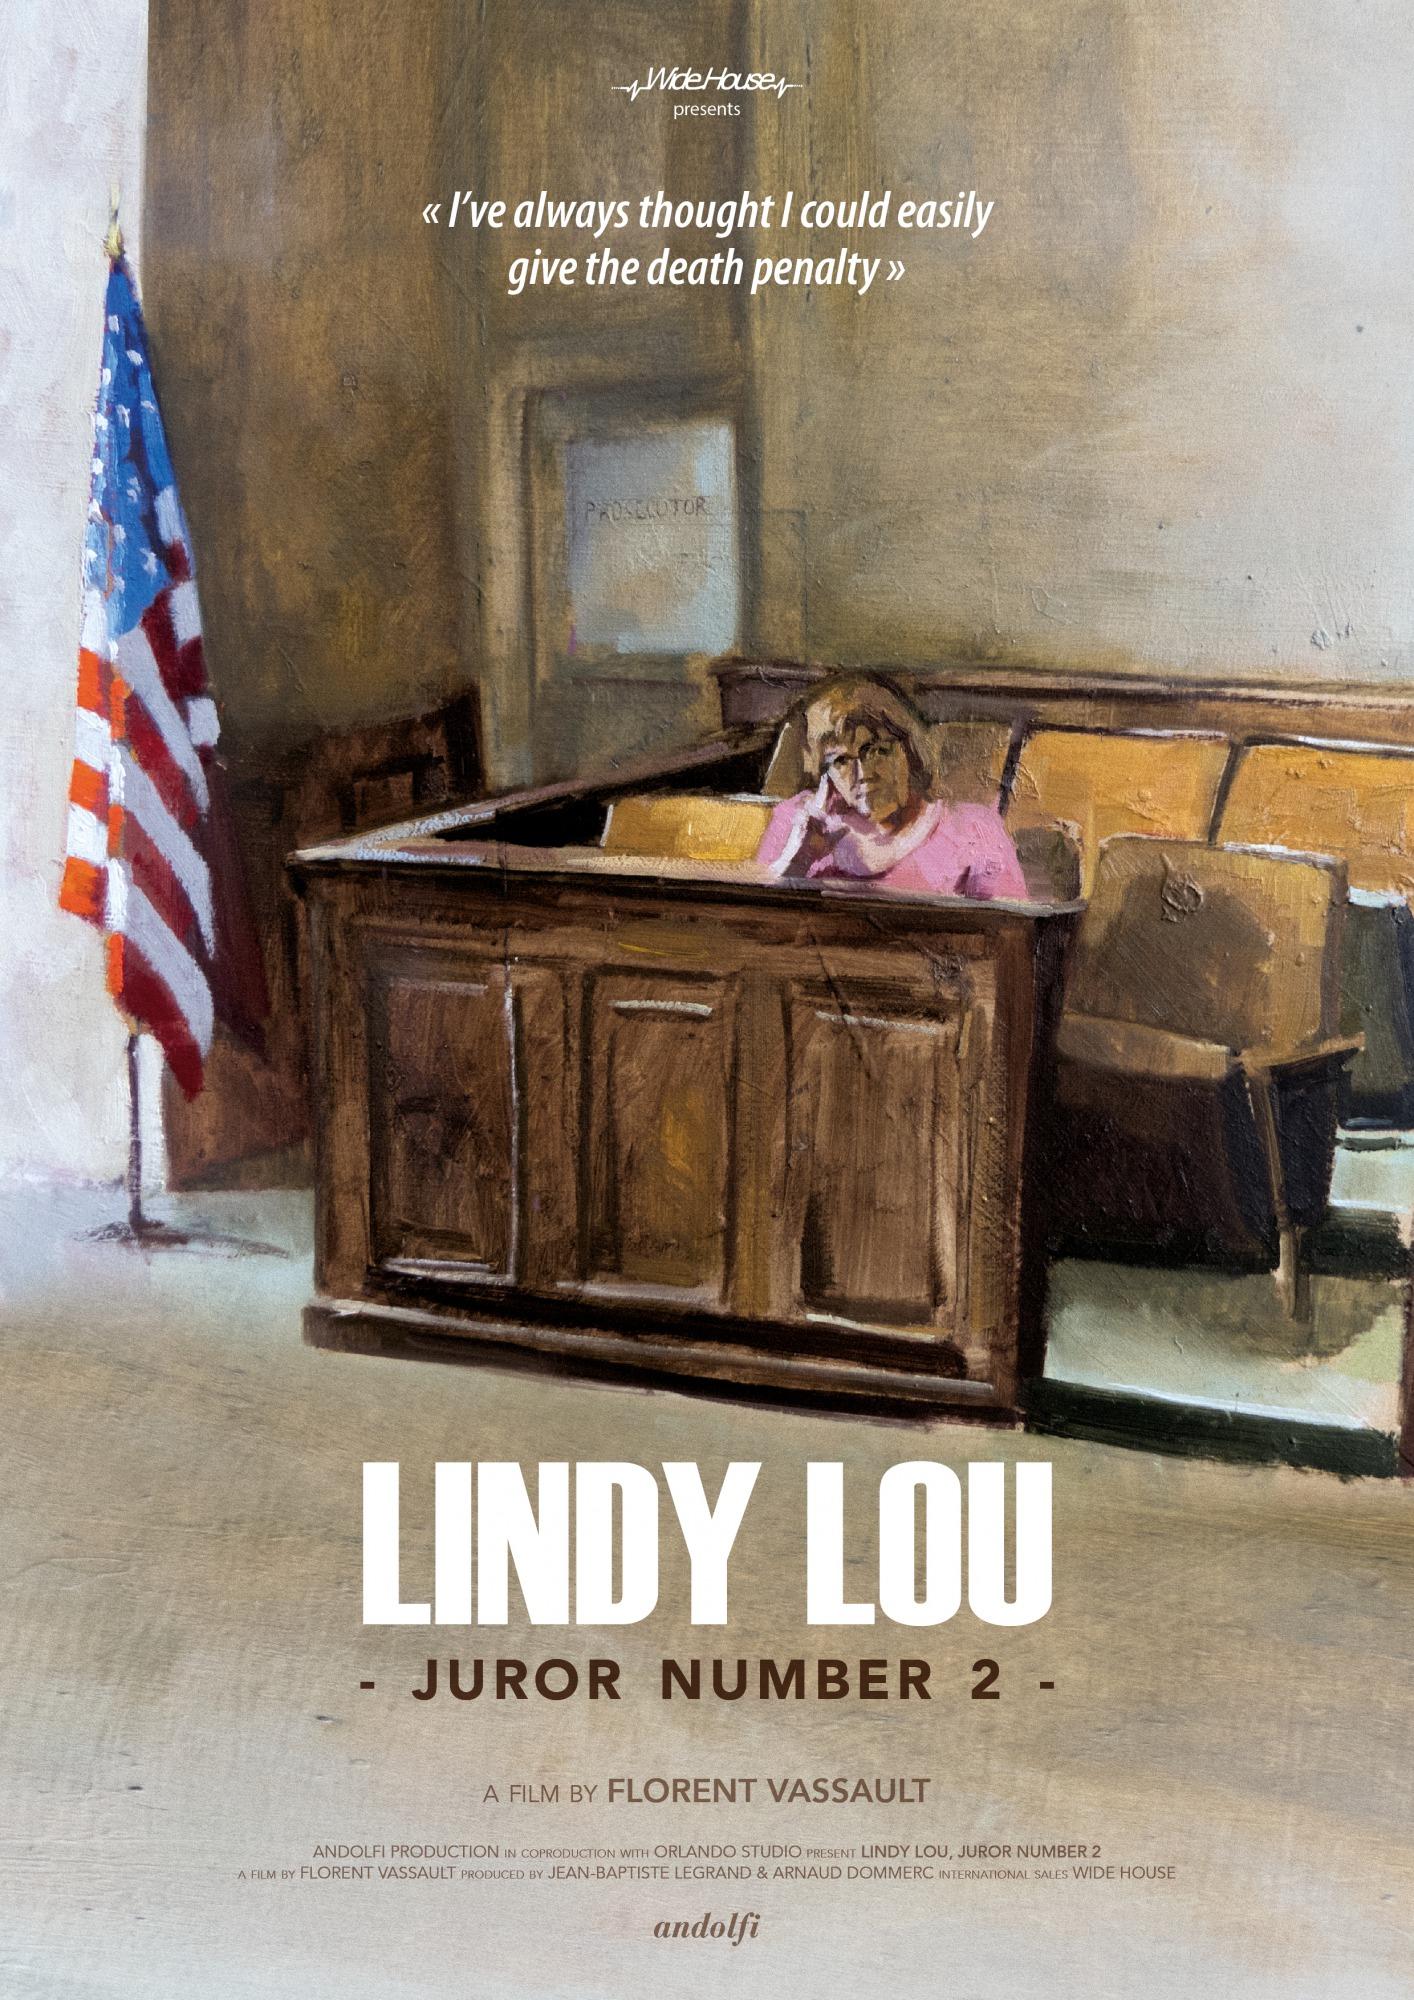 lindylou_poster_web_hd_0.jpg